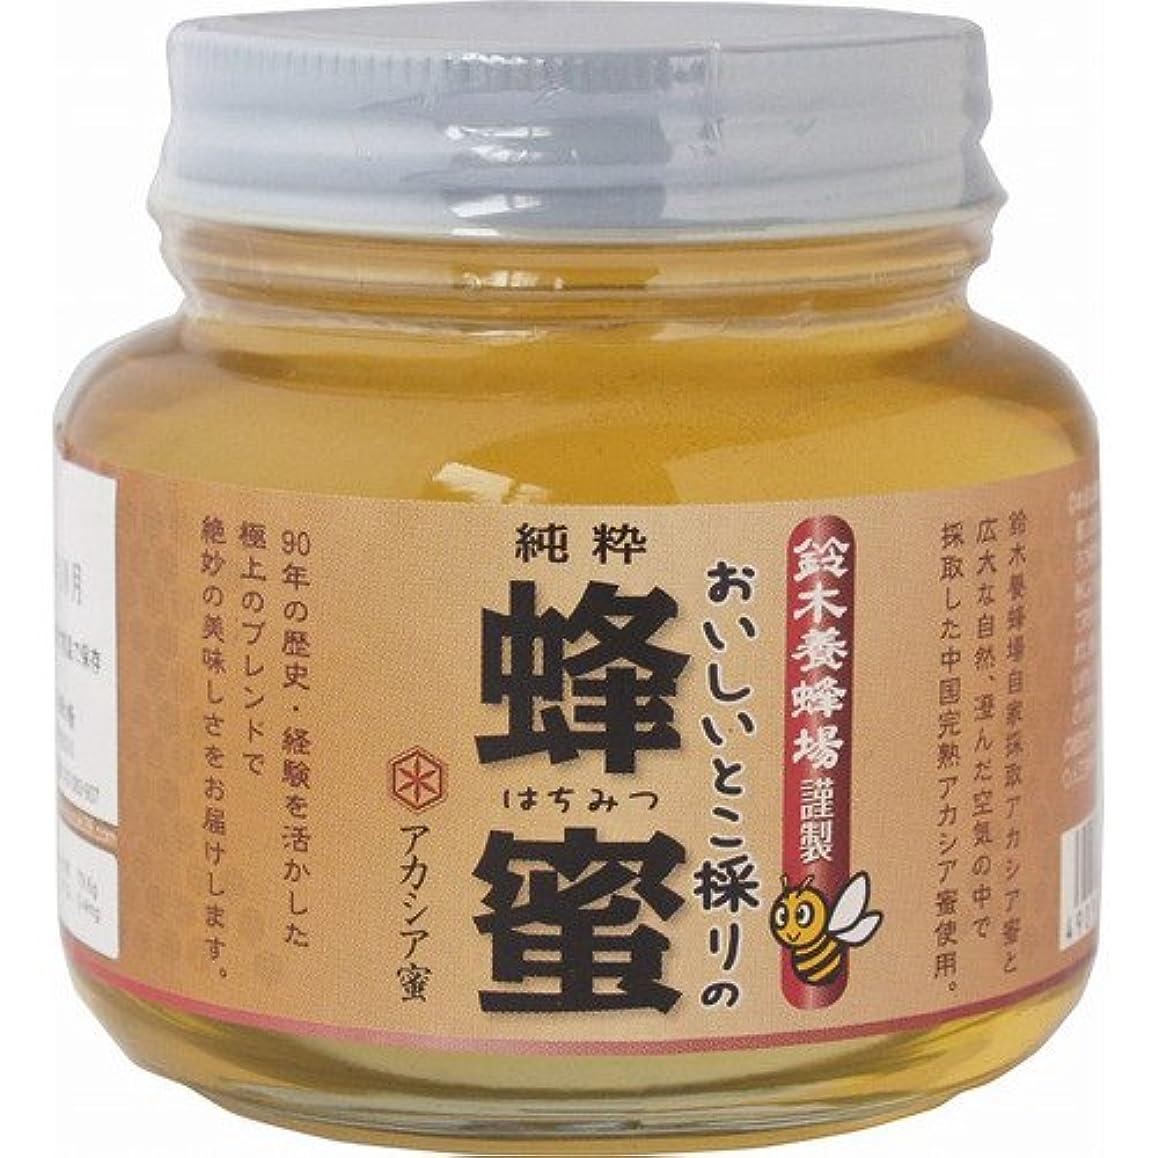 内側ビル予感鈴木養蜂場 おいしいとこ採り蜂蜜アカシア 450g